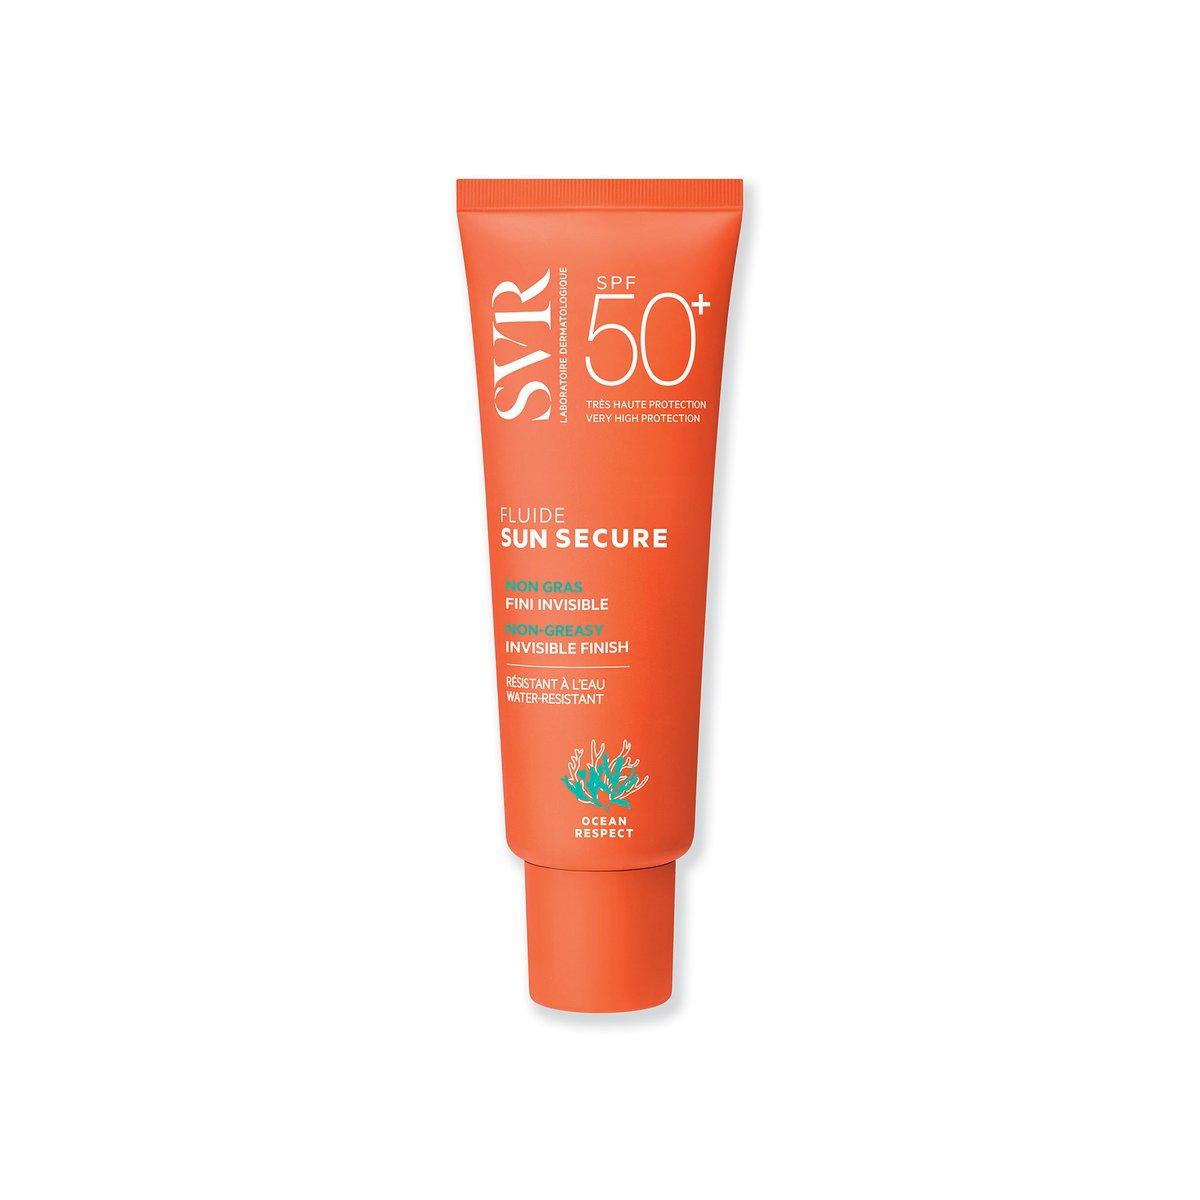 Kem Chống Nắng Trong Suốt Không Gây Nhờn Rít SVR Sun Secure Fluide SPF50+ 50ml